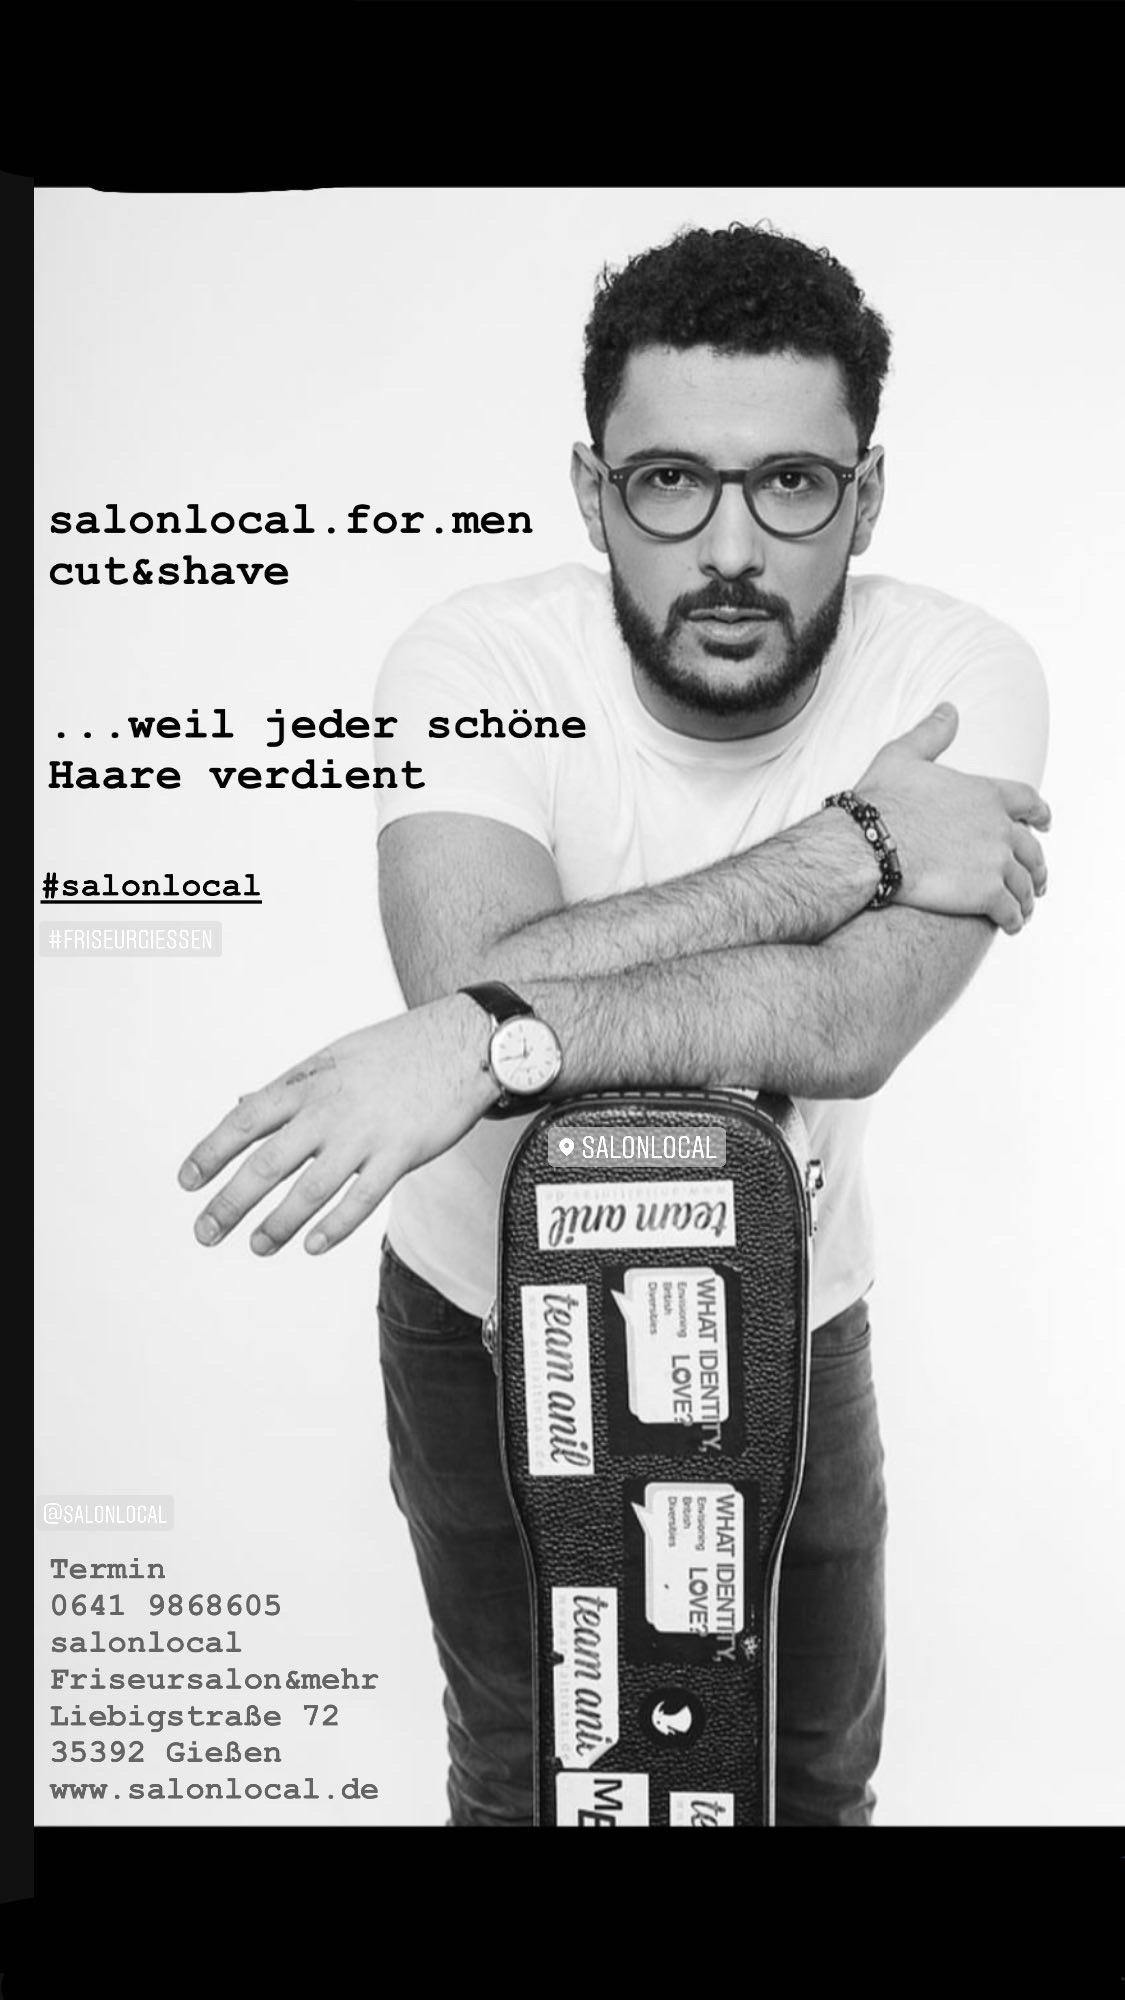 salonlocal Friseursalon & mehr für Männer - cut & shave - Gießen